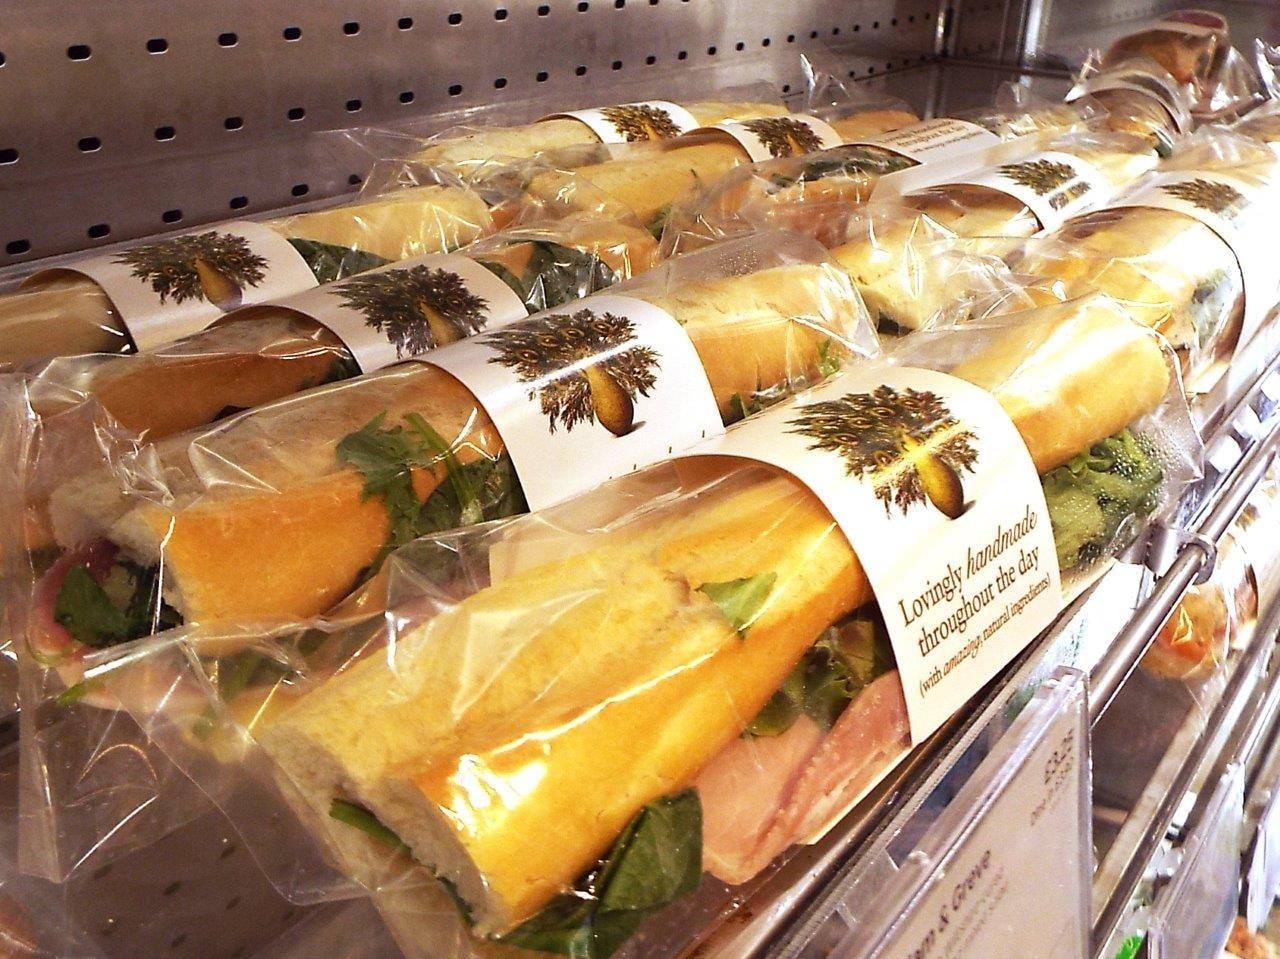 Pret - posh cheddar baguette